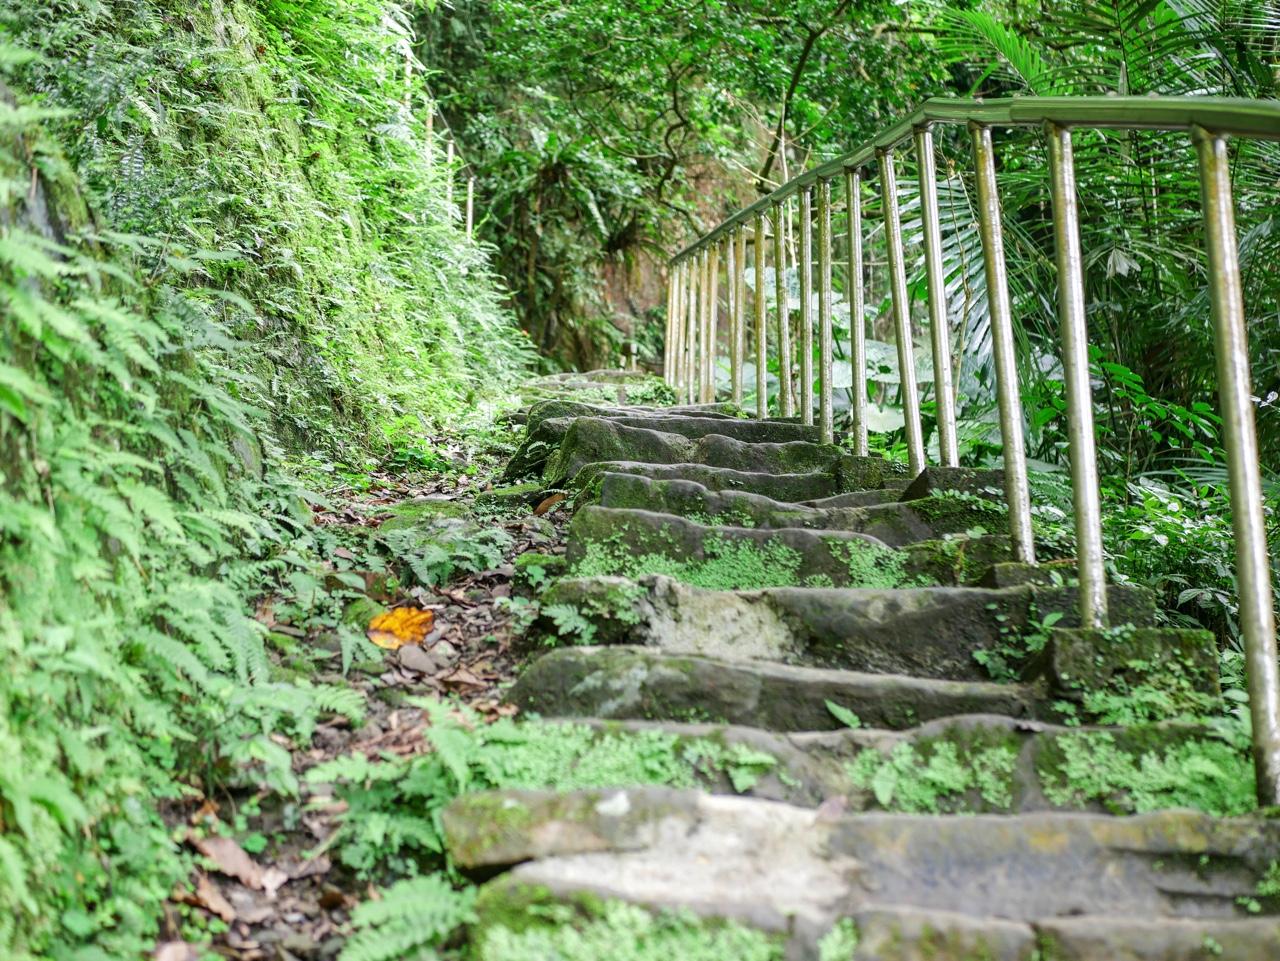 銀河洞越嶺歩道の勾配がきつい階段